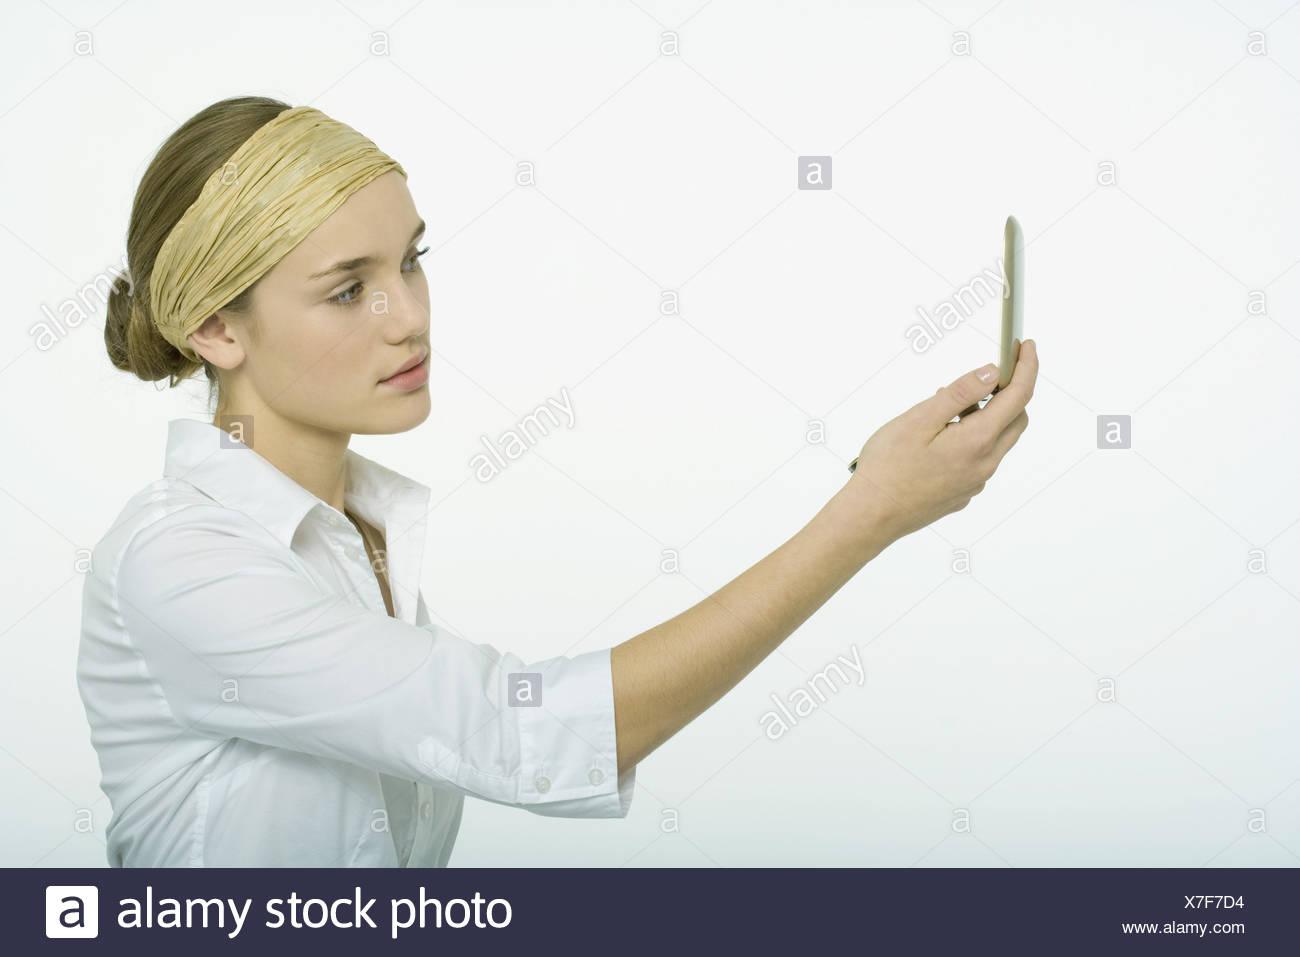 busty teen self shot mirror